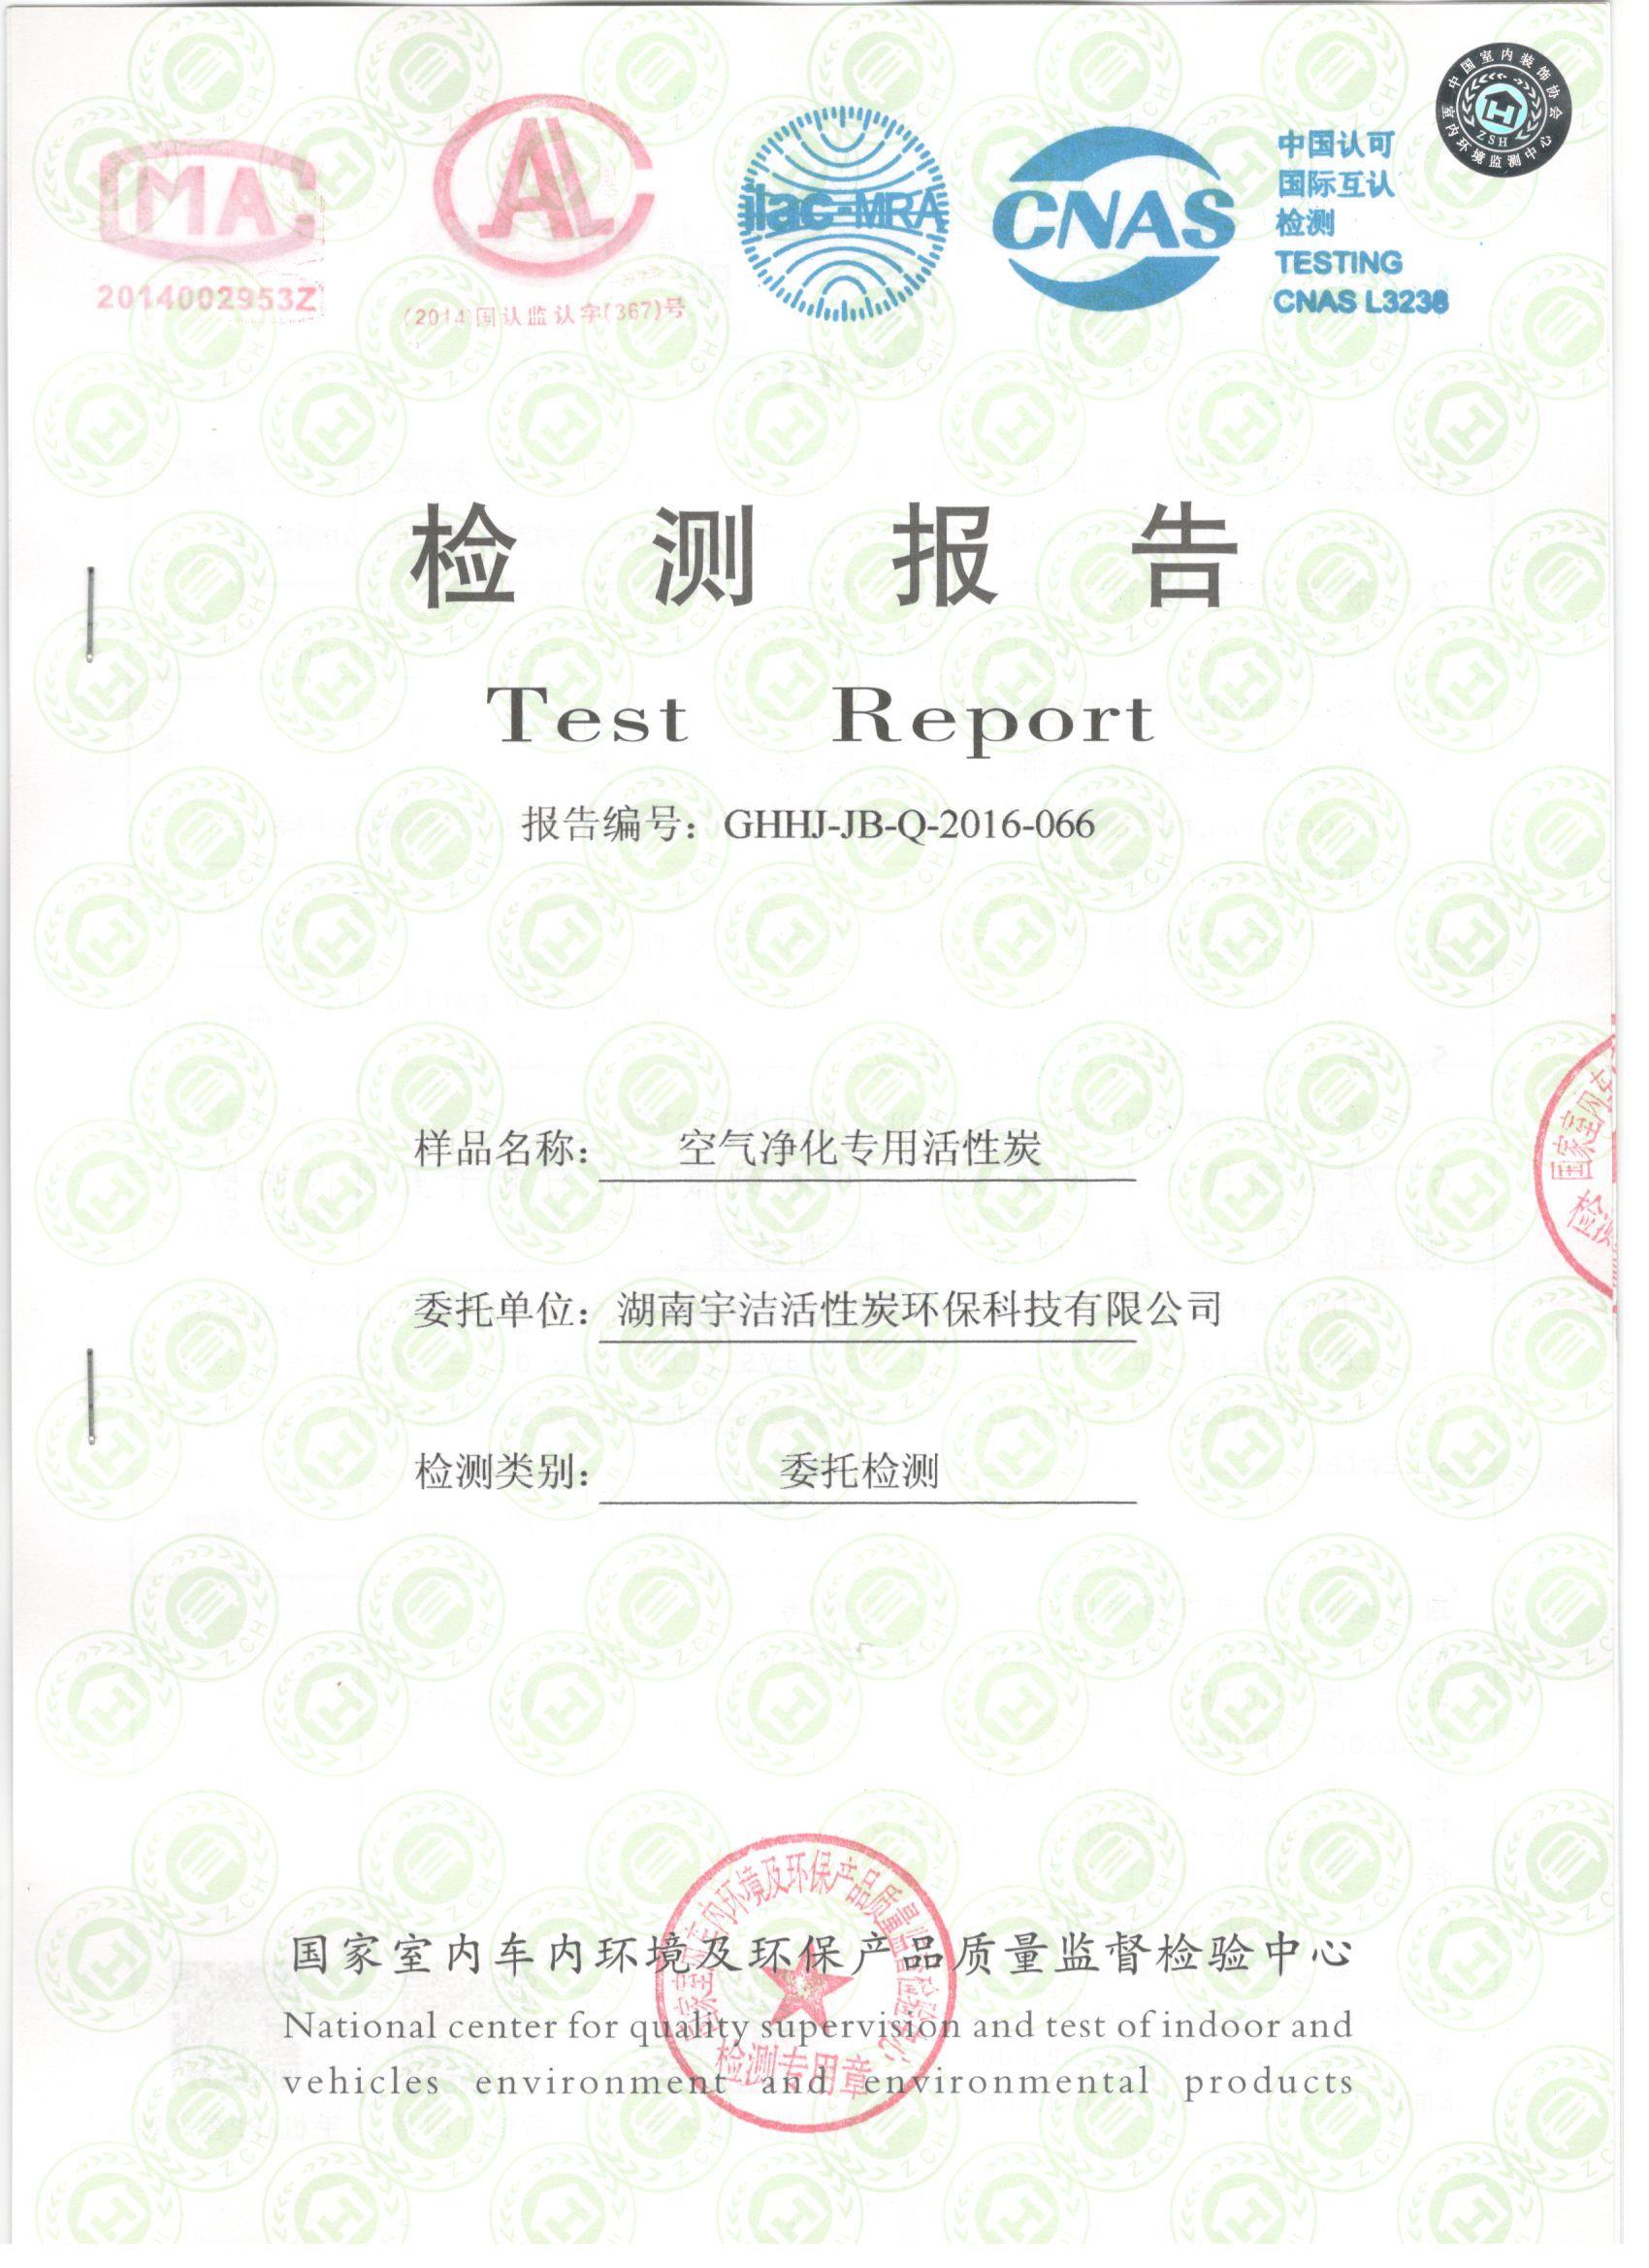 国家室内车内环境及环保产品质量监督检验中心 检测报告 01